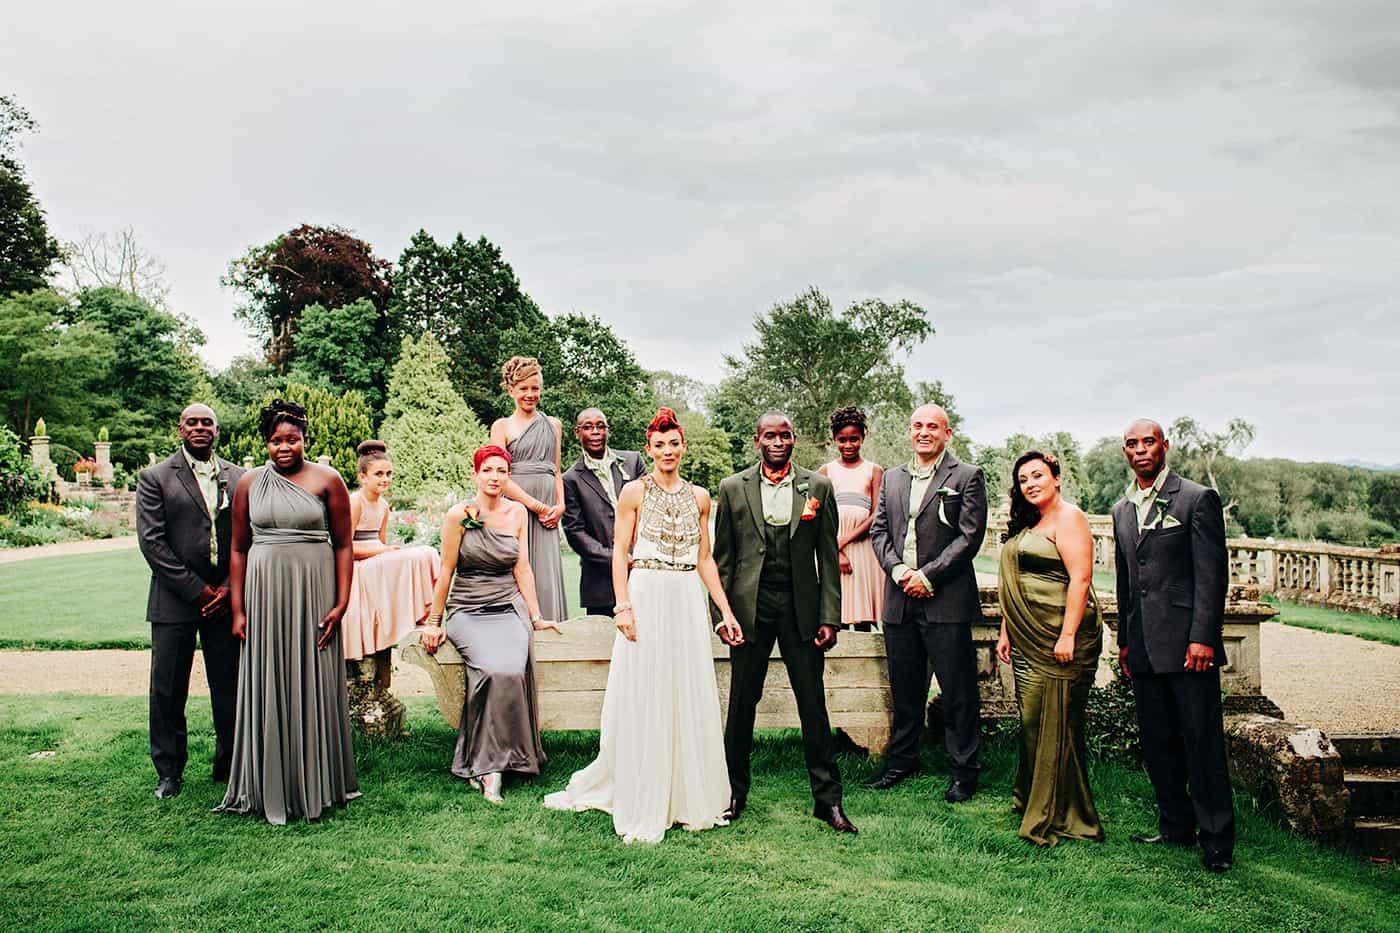 orchardleigh wedding photos